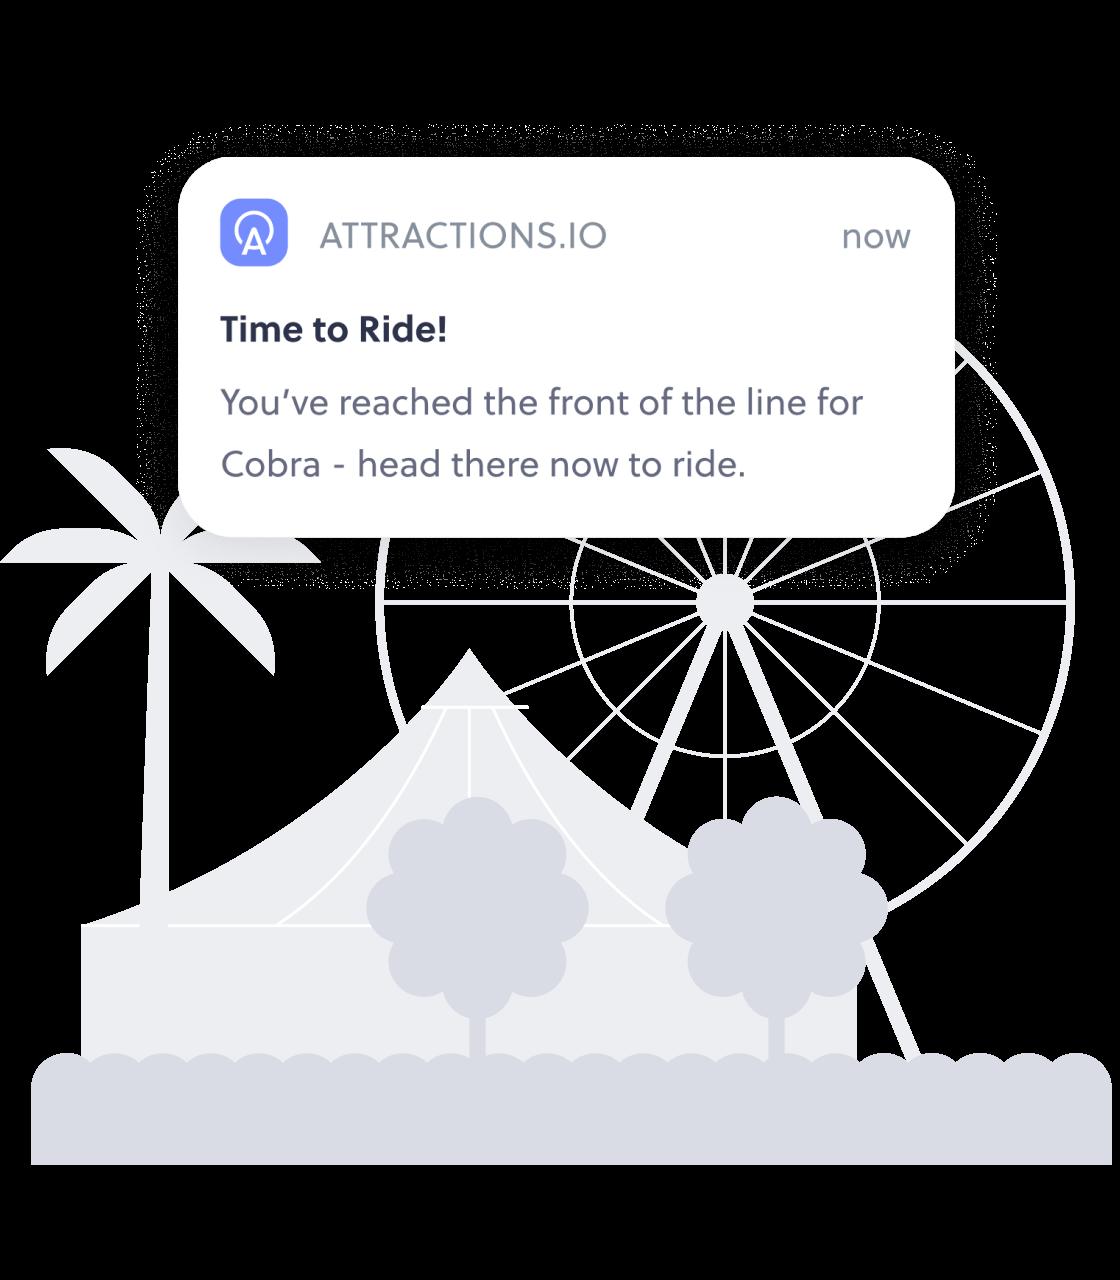 Virtual queue notification